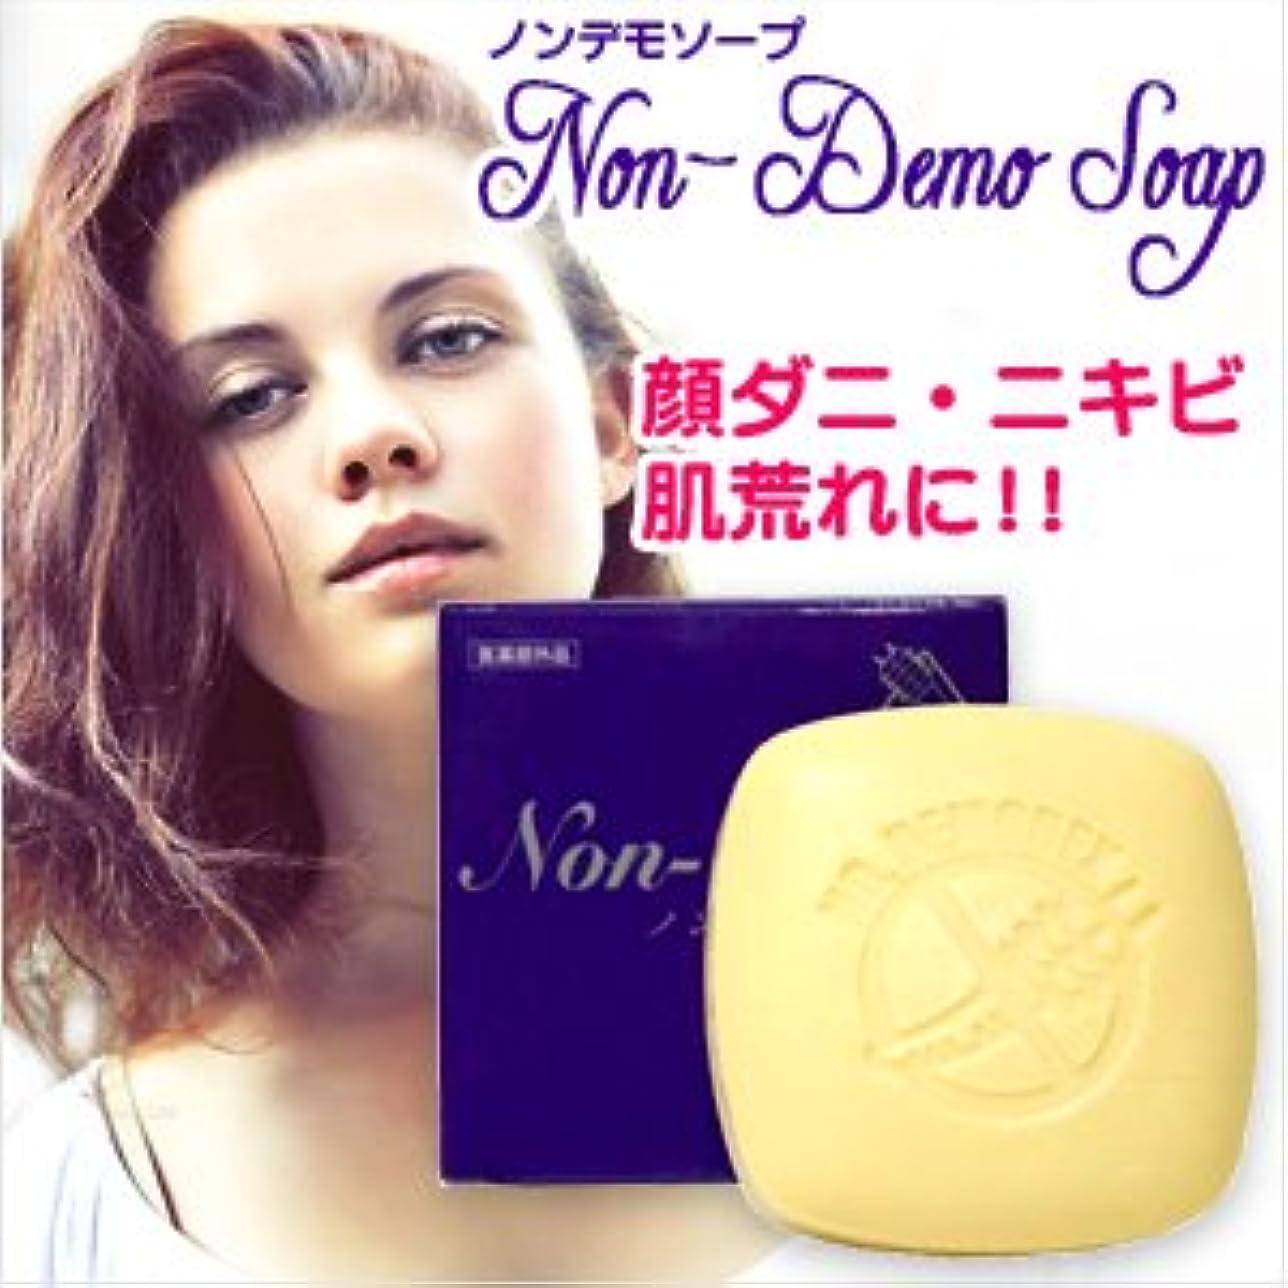 混乱悪魔だます(医薬部外品) 顔ダニ石鹸 ノンデモソープ (Non-Demo Soap) 130g